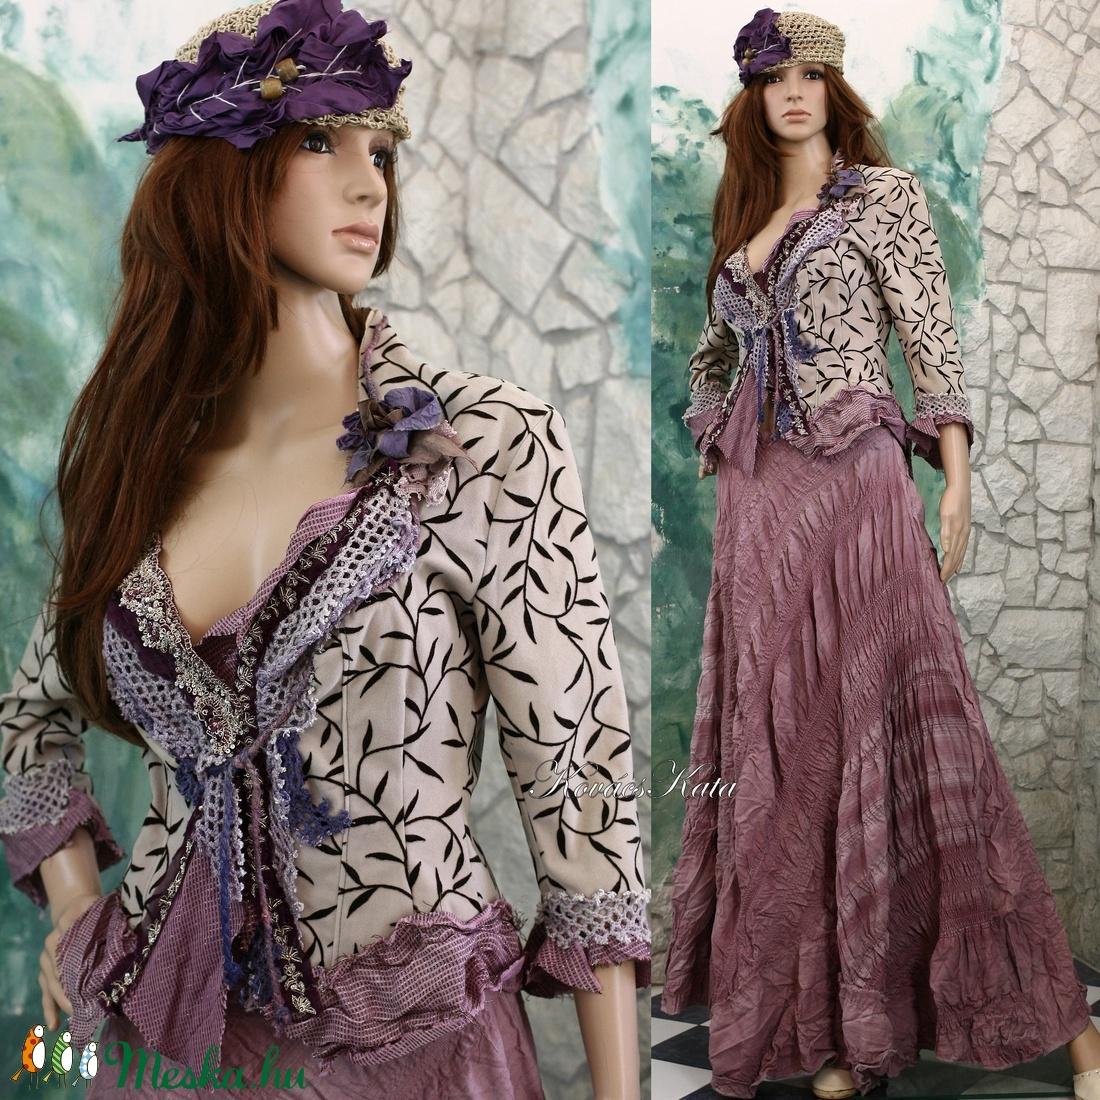 CSENGE-KOSZTÜM - shabby chic design-ruha - ruha & divat - női ruha - blézer & kosztüm - Meska.hu